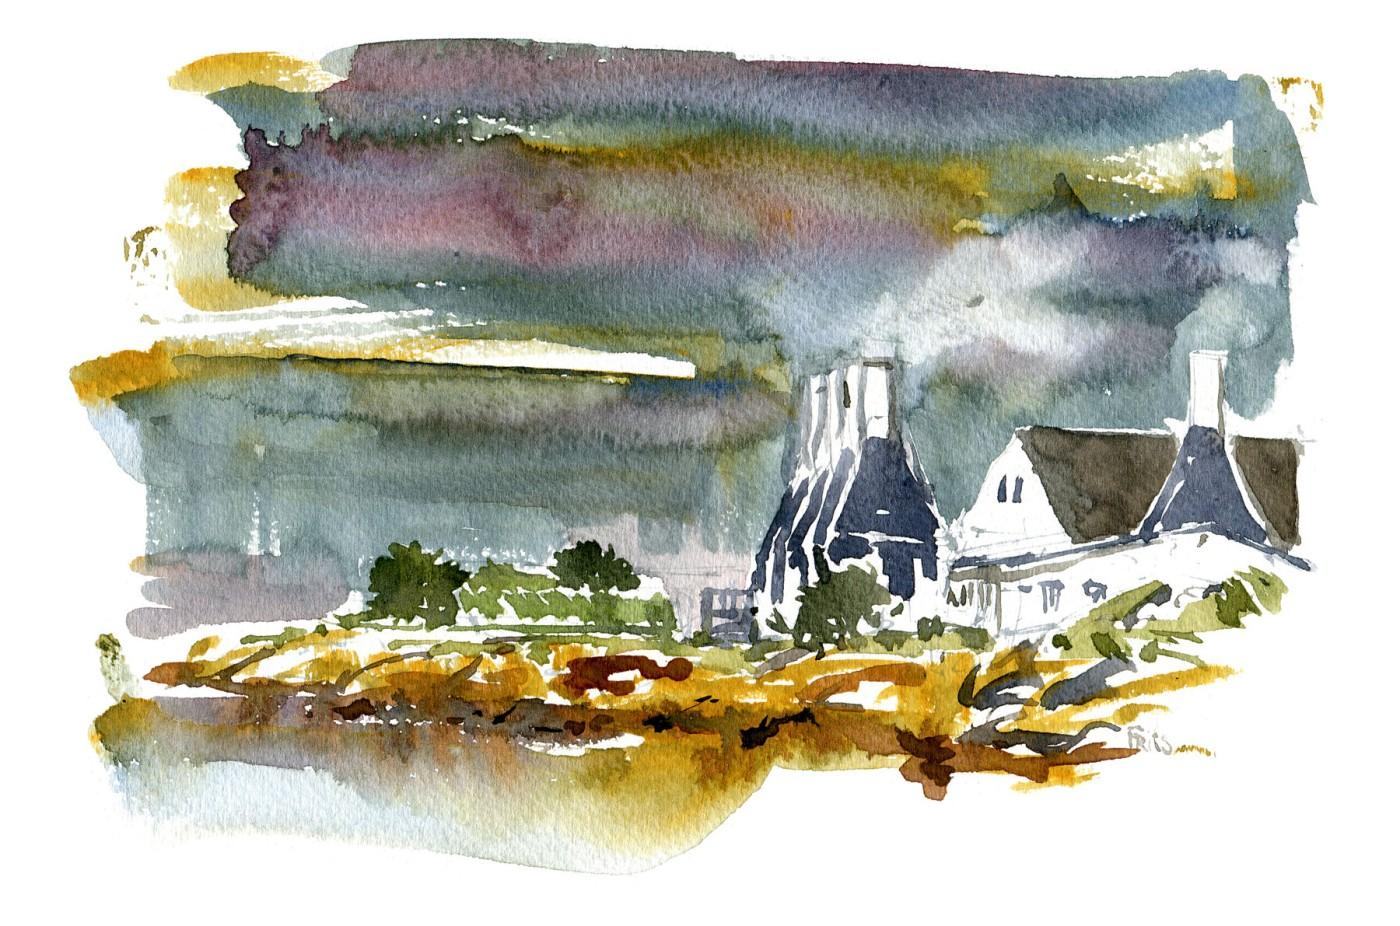 Akvarel af Røgerier i Svaneke - Illustration af Frits Ahlefeldt